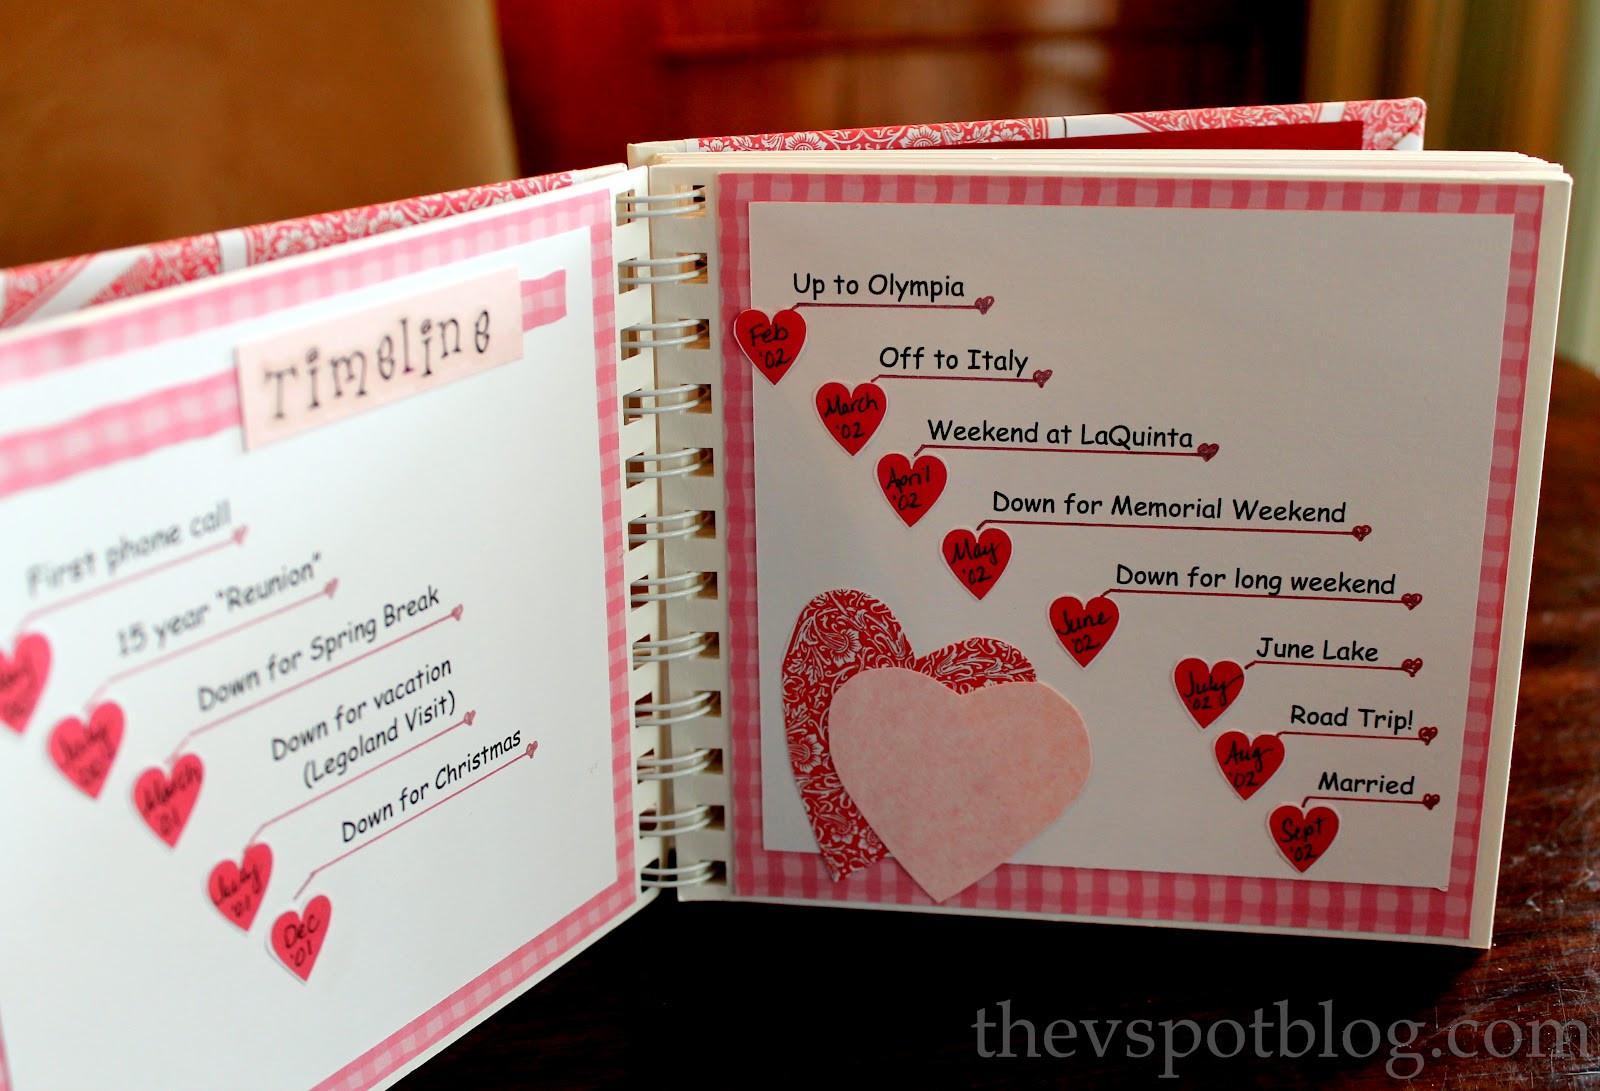 Valentines Gift Ideas For Your Boyfriend  Day Gifts Boyfriend Homemade Valentine New Creative DMA